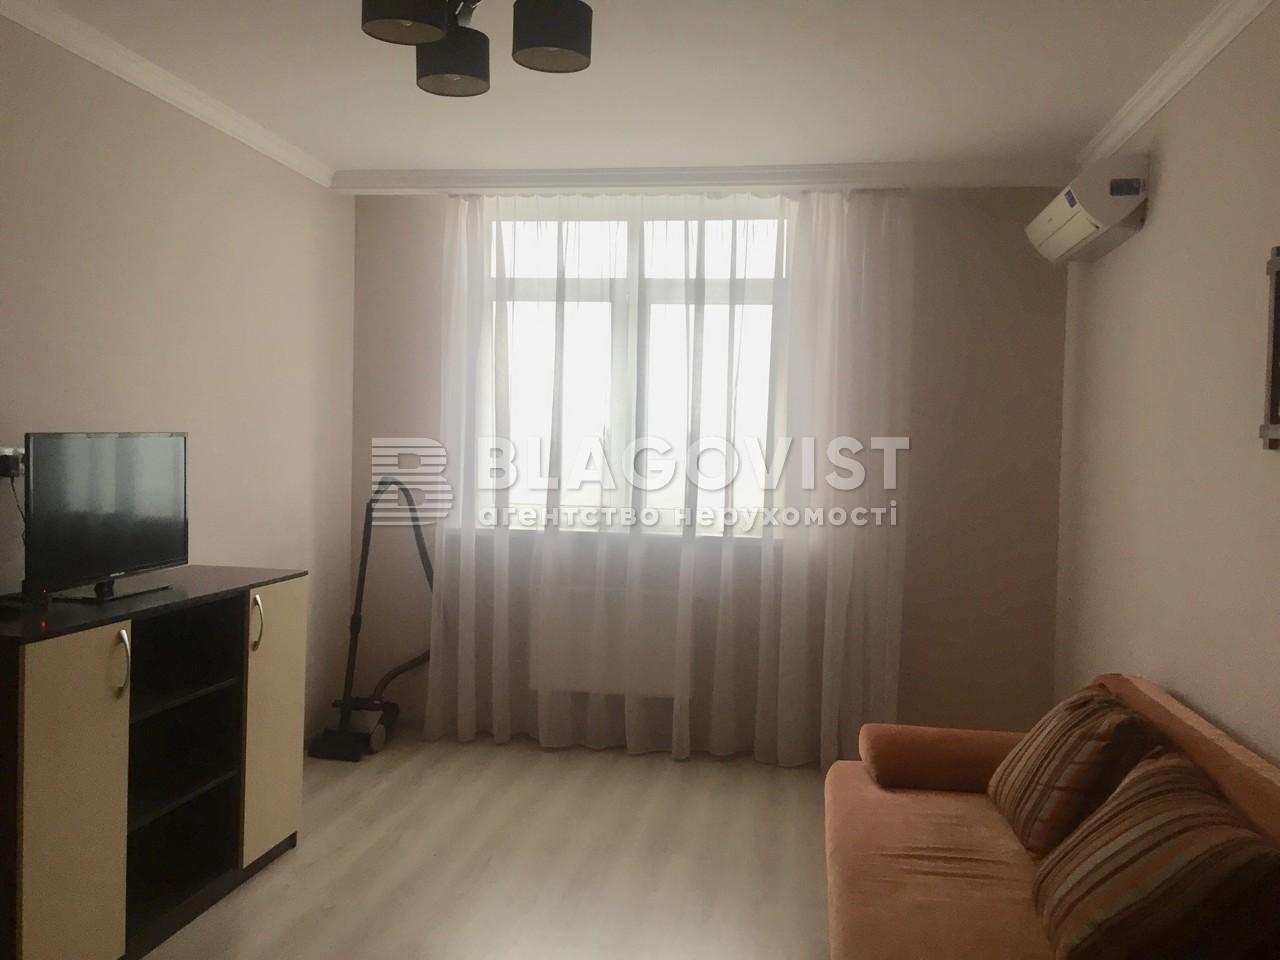 Квартира F-33194, Богдановская, 7а, Киев - Фото 7